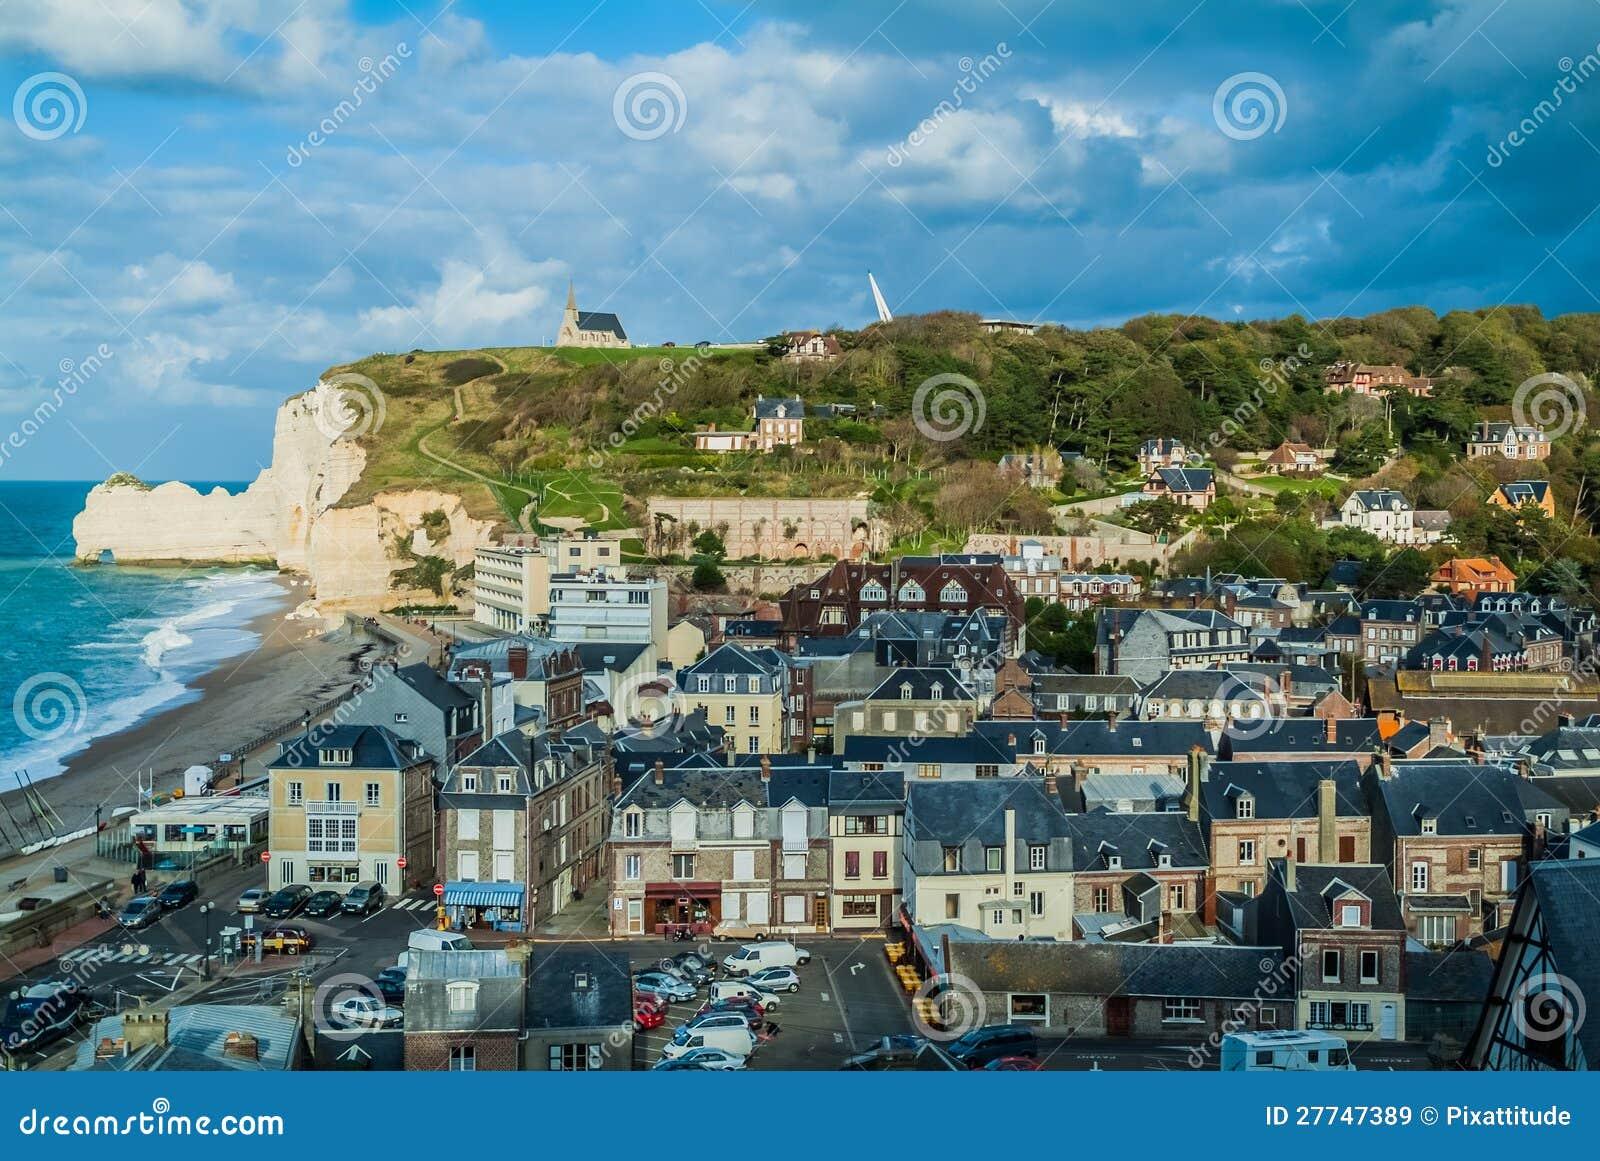 Etretat Strand Im Normandie Frankreich Redaktionelles Stockbild Bild Von Normandie Frankreich 27747389